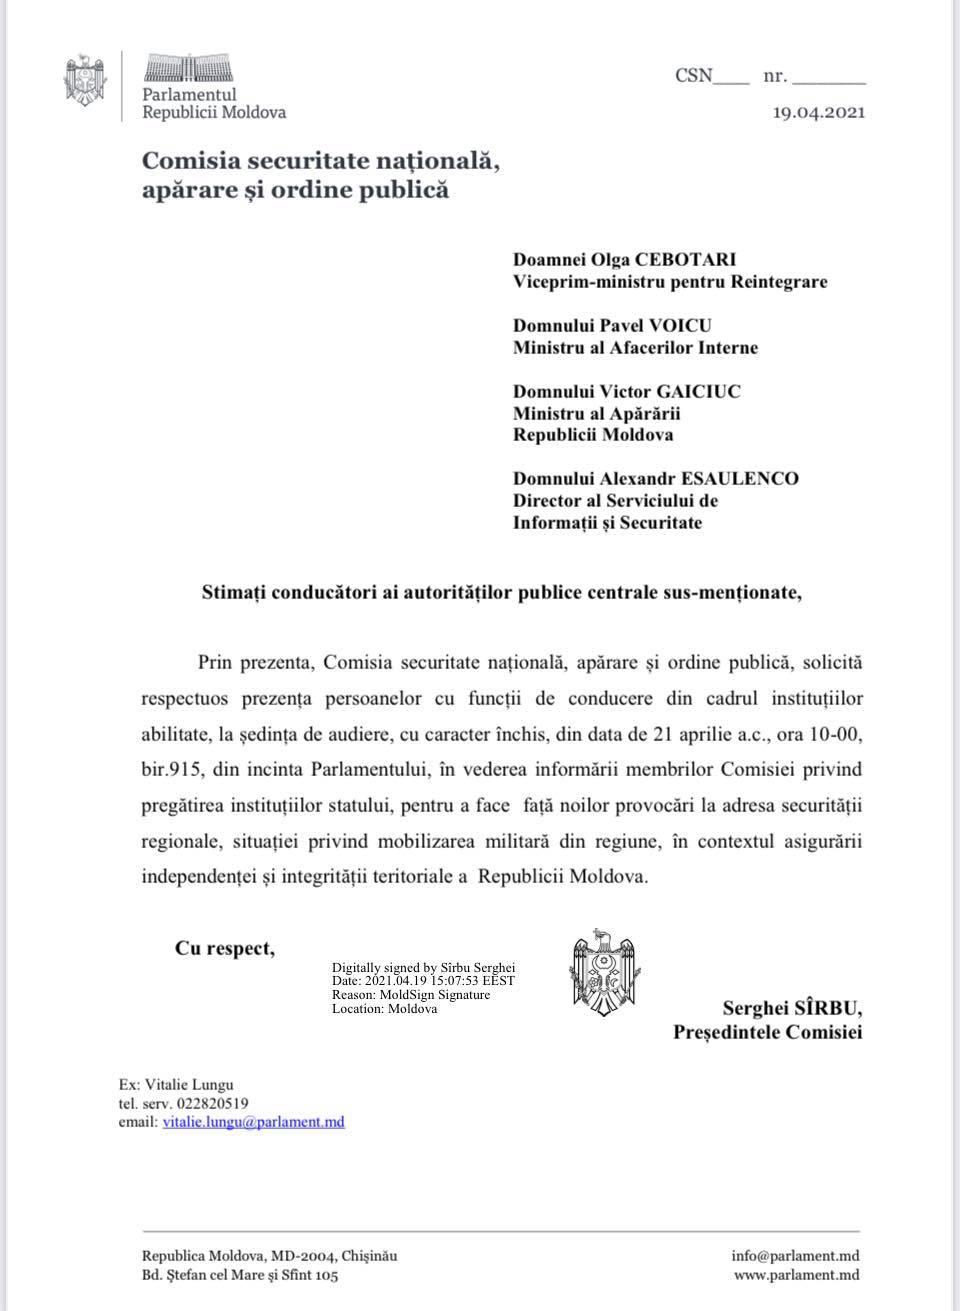 Комиссия нацбезопасности пригласила наслушания руководство МВД, СИБа иминобороны. Что случилось?